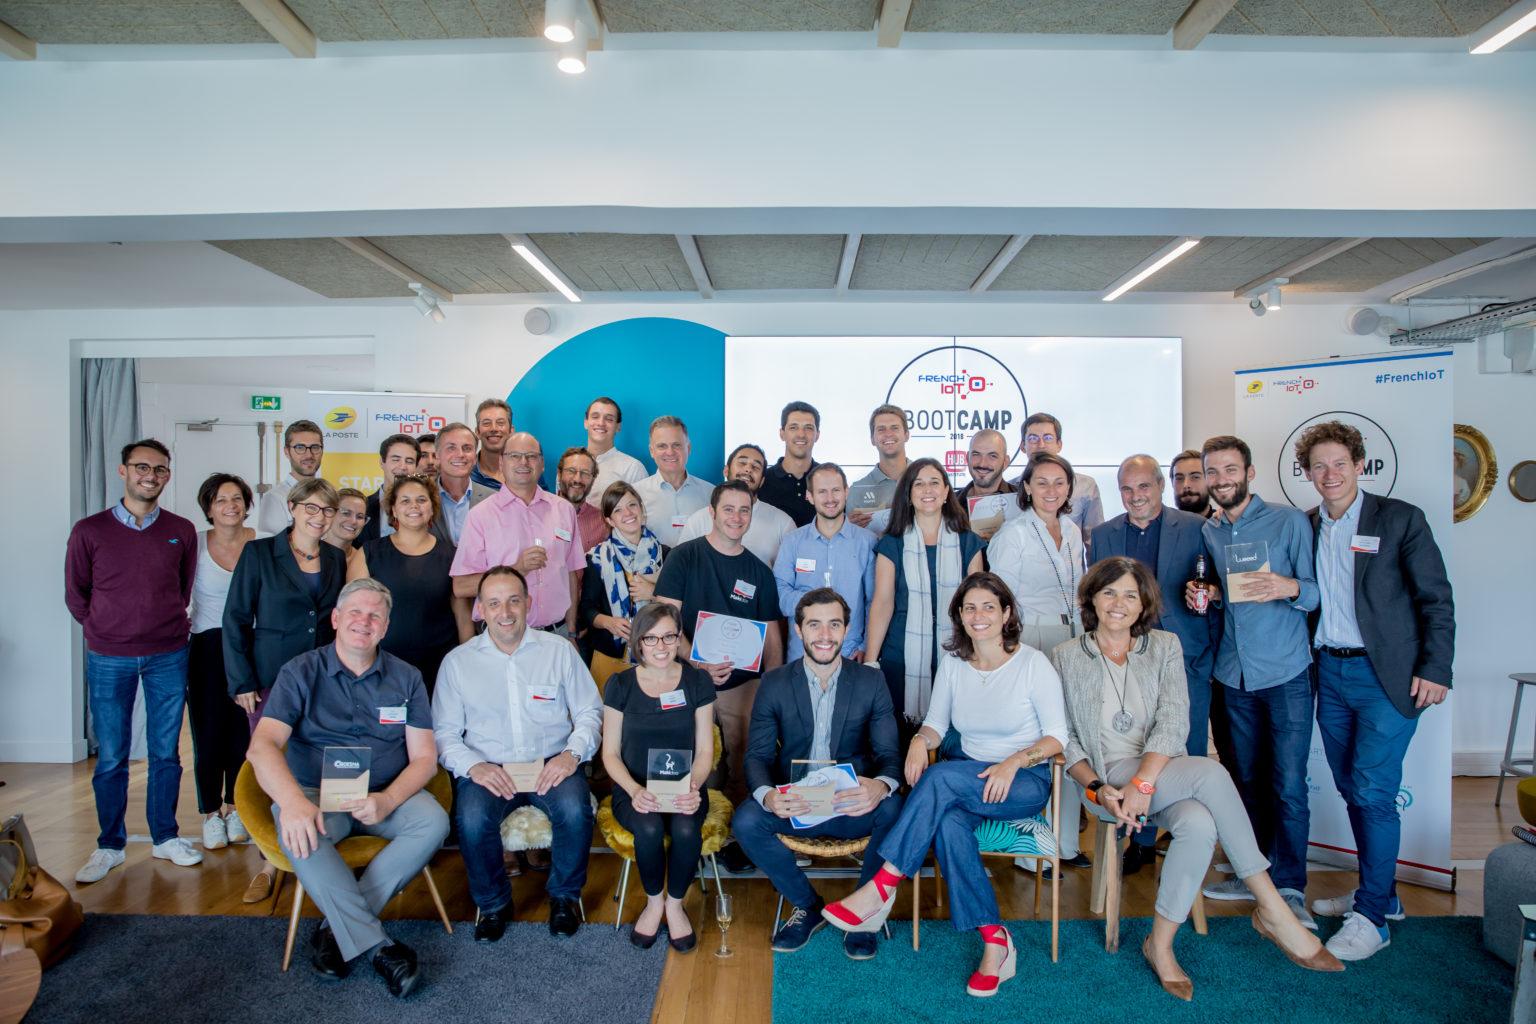 French IoT : le bilan de la quatrième saison